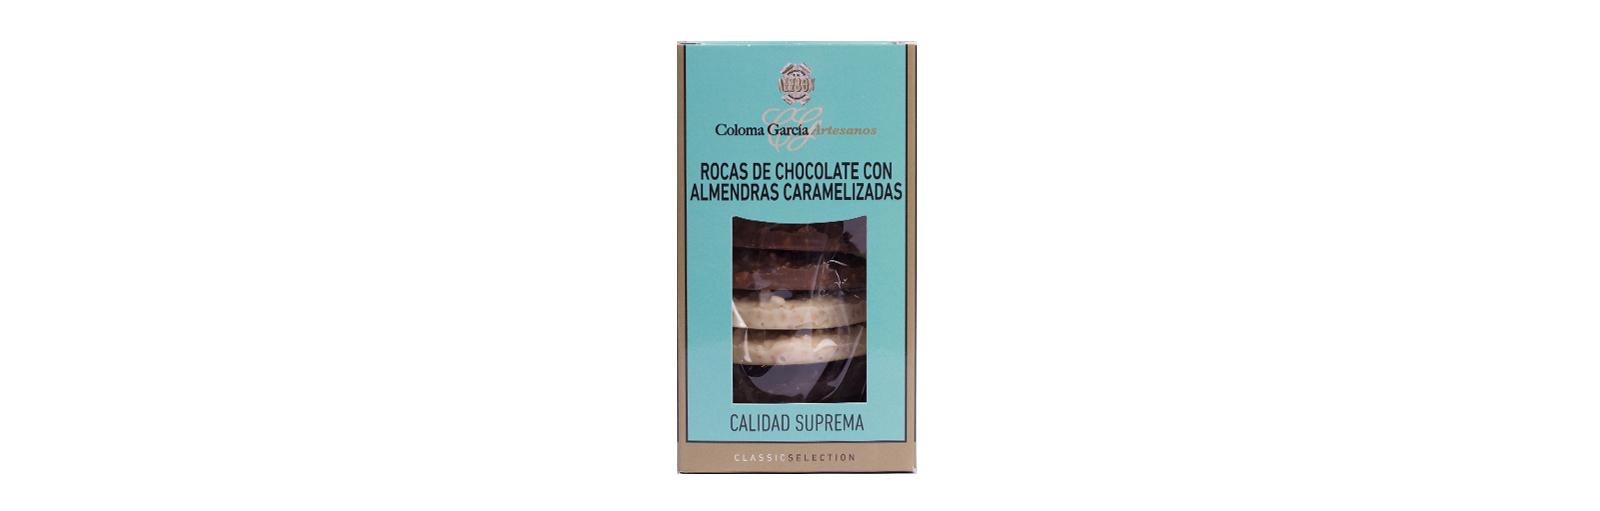 rocas chocolate con almendra